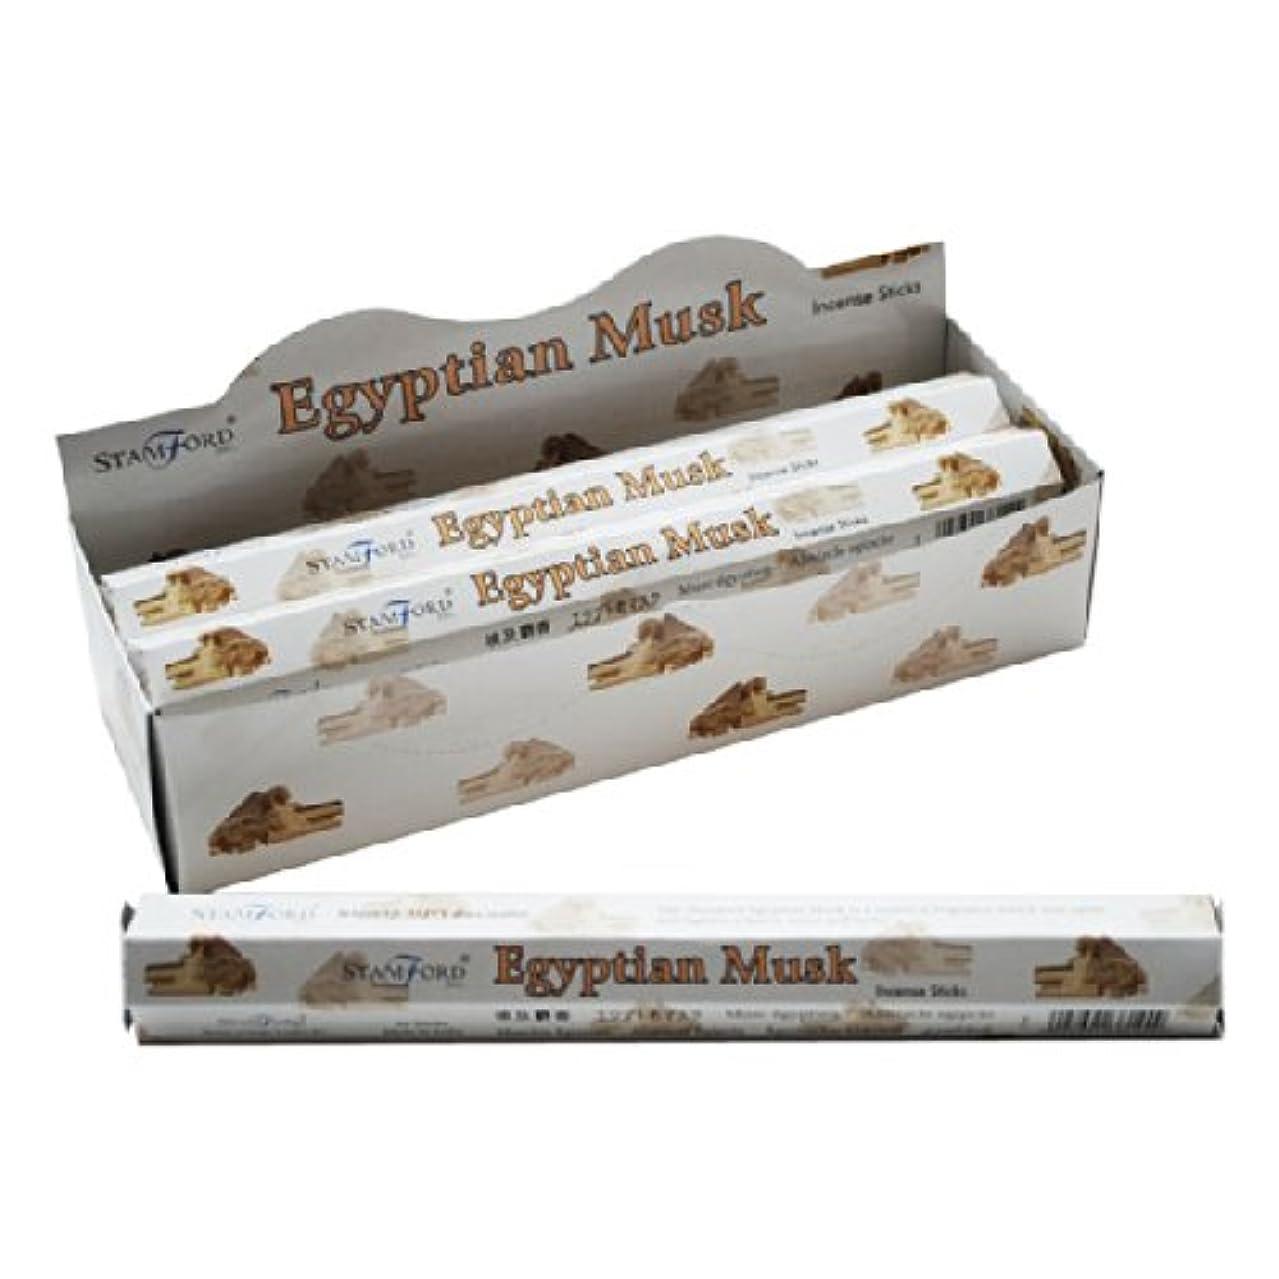 退屈たまに略語6 Packs Of Elements Egyptian Musk Incense Sticks